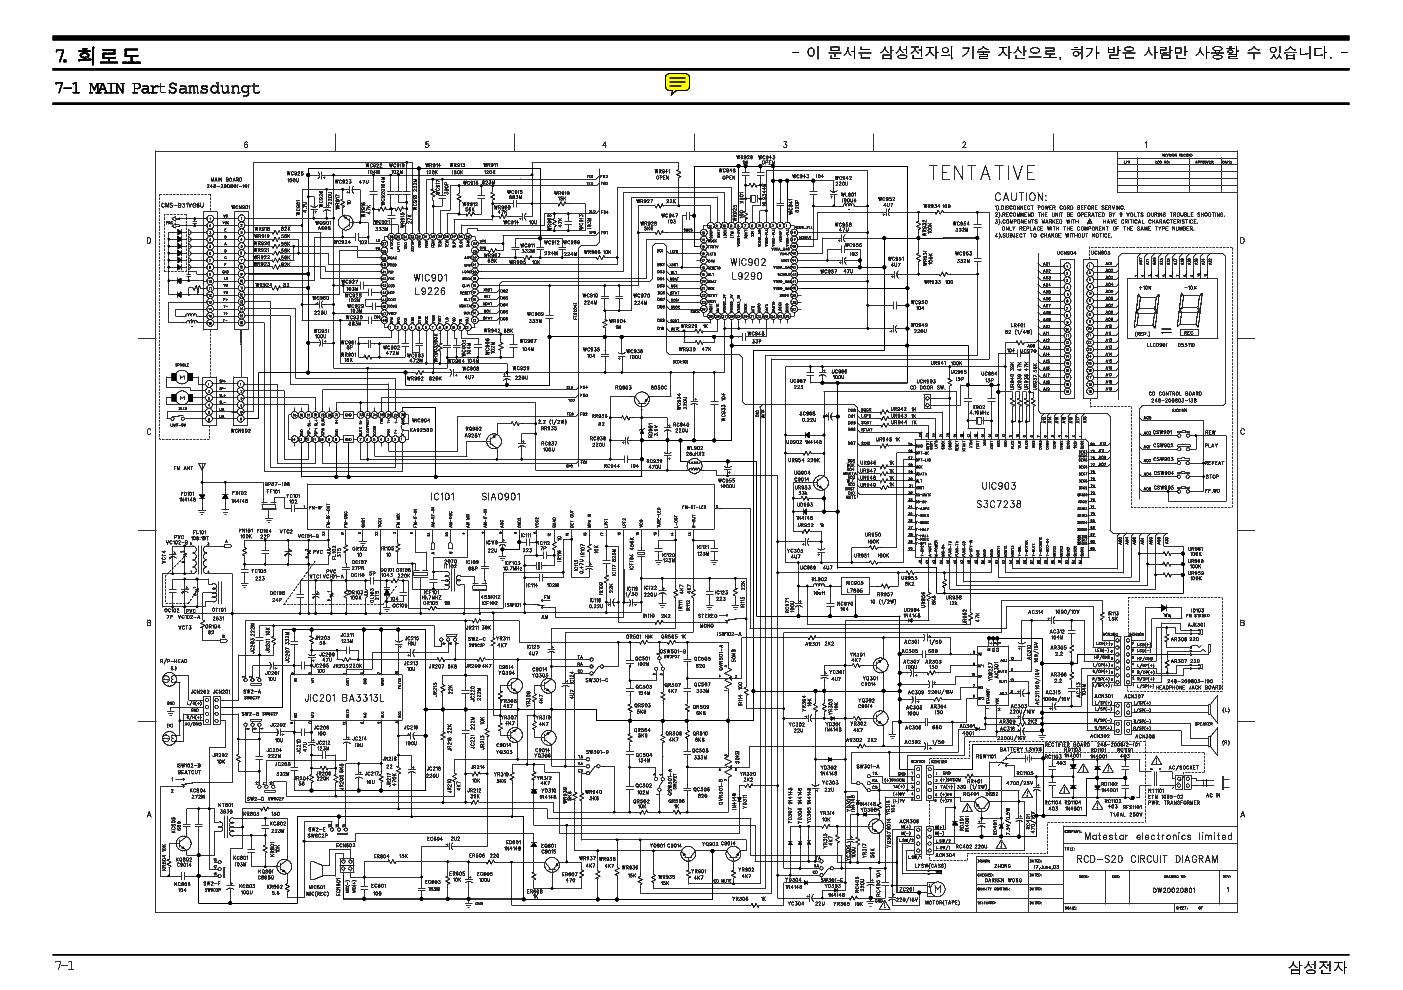 Samsung rcd s30 схема